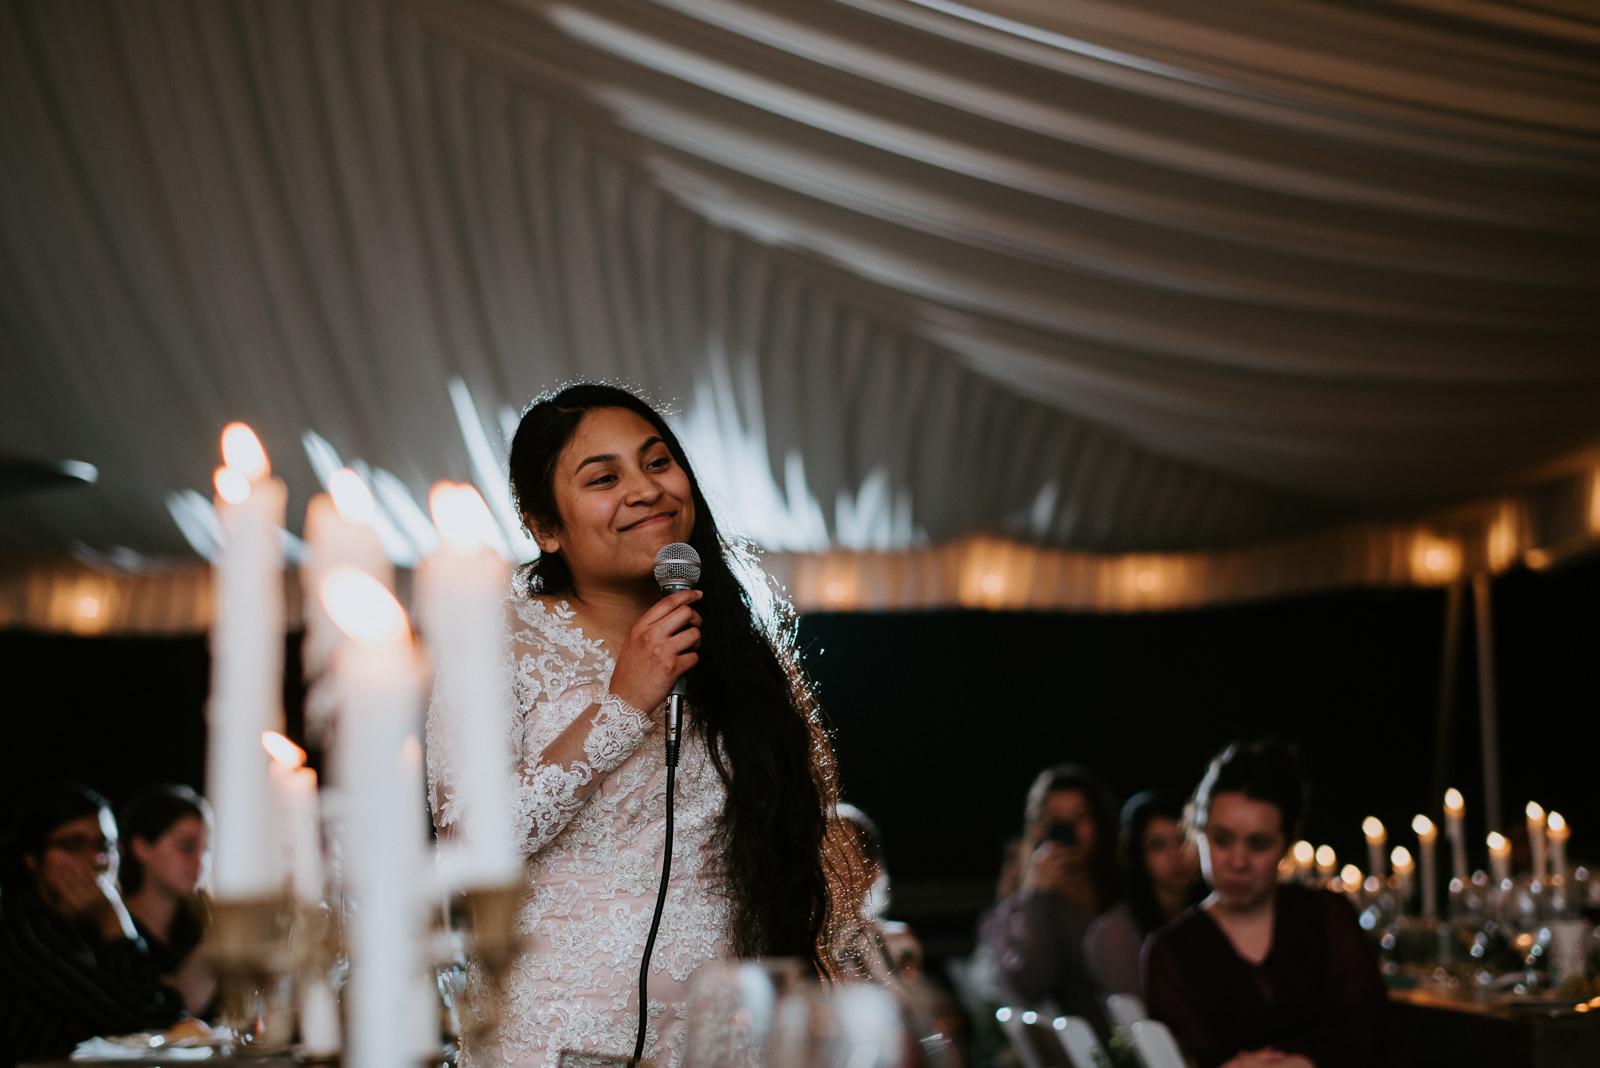 bride sings to groom at wedding